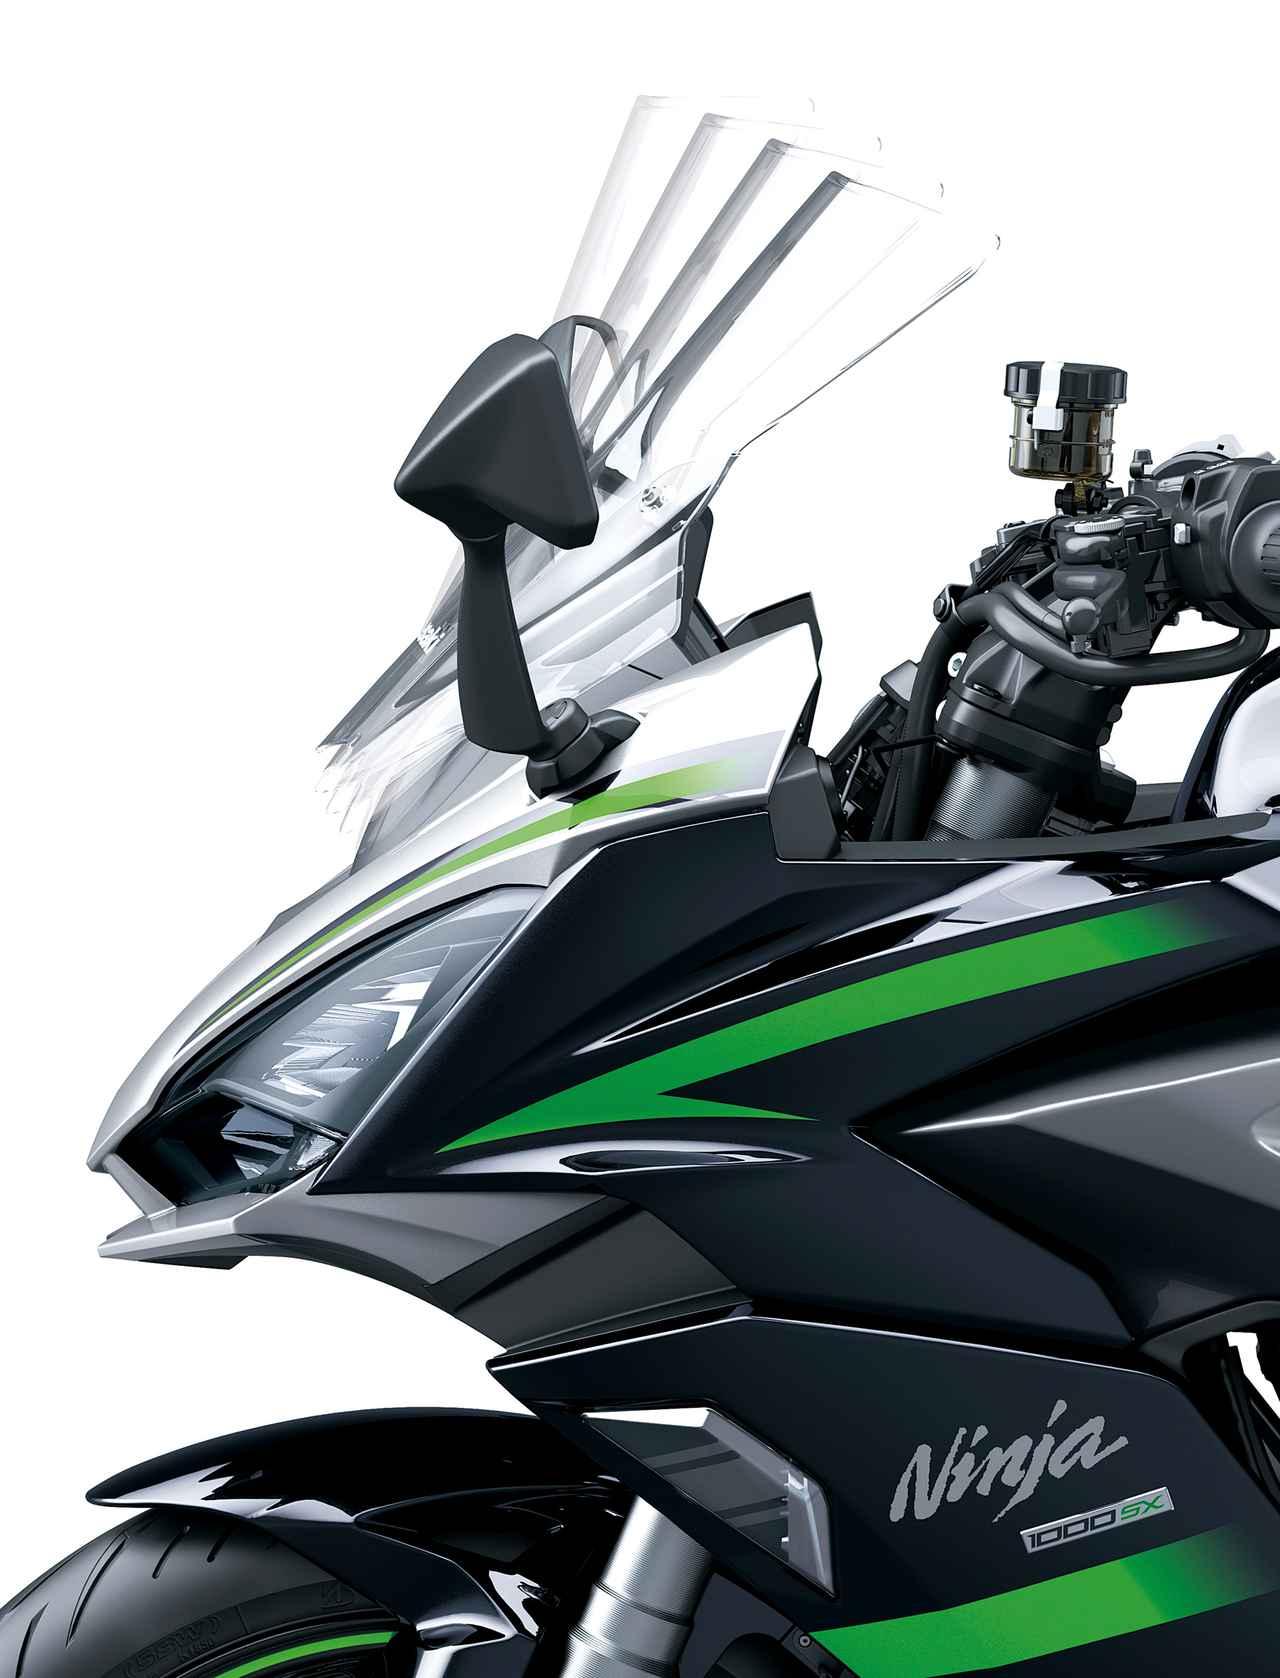 Images : 6番目の画像 - Ninja1000 SXの写真をまとめて見る! - webオートバイ